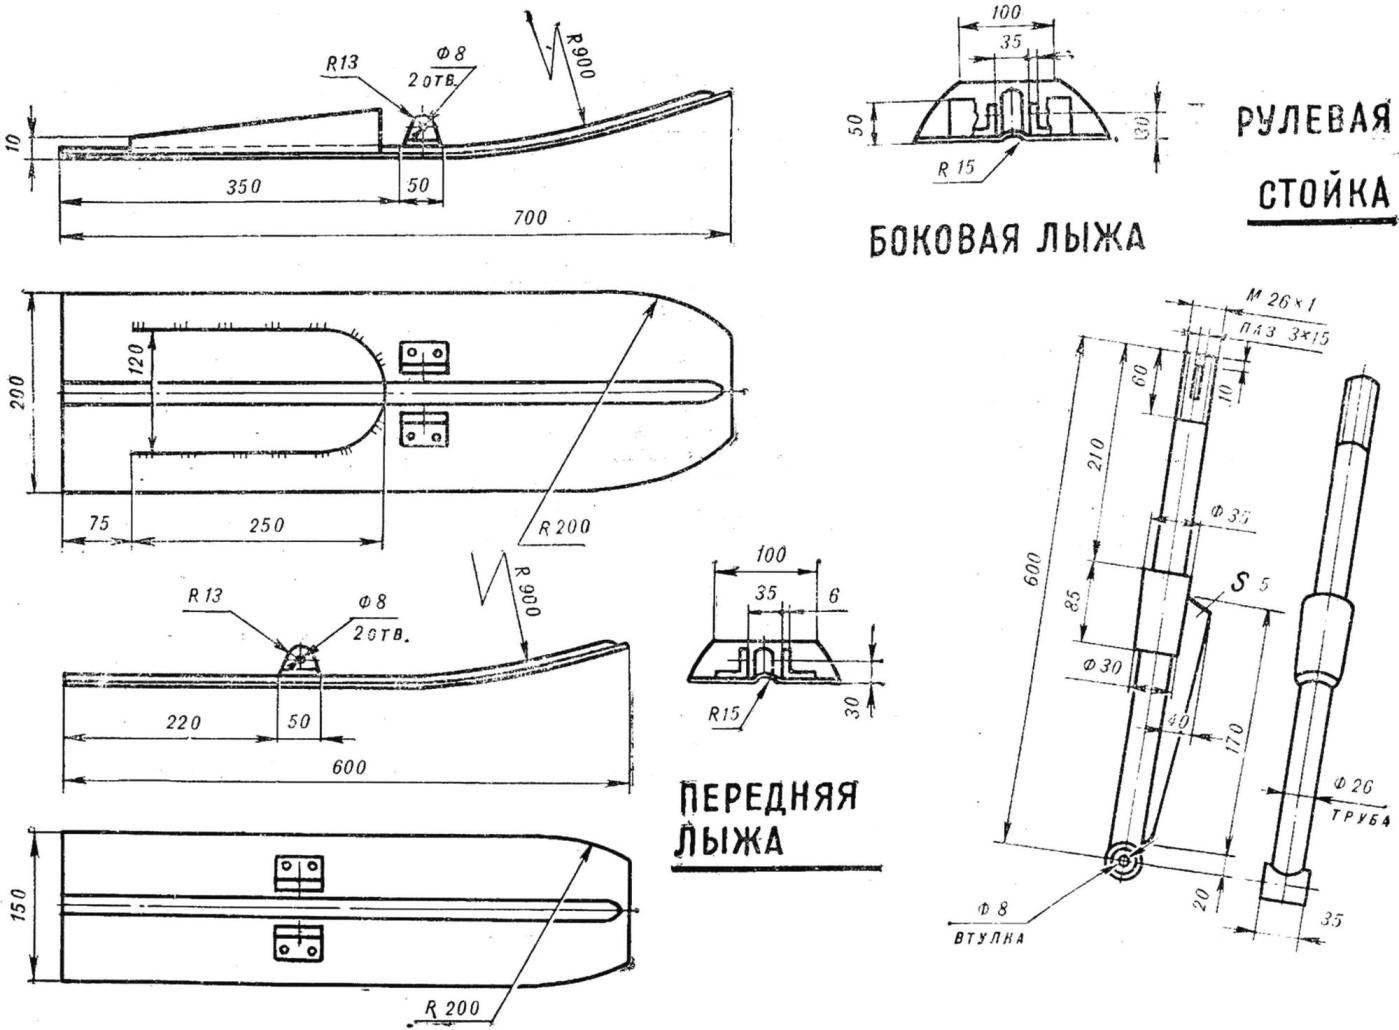 Fig. 6. Skis and steering rack.